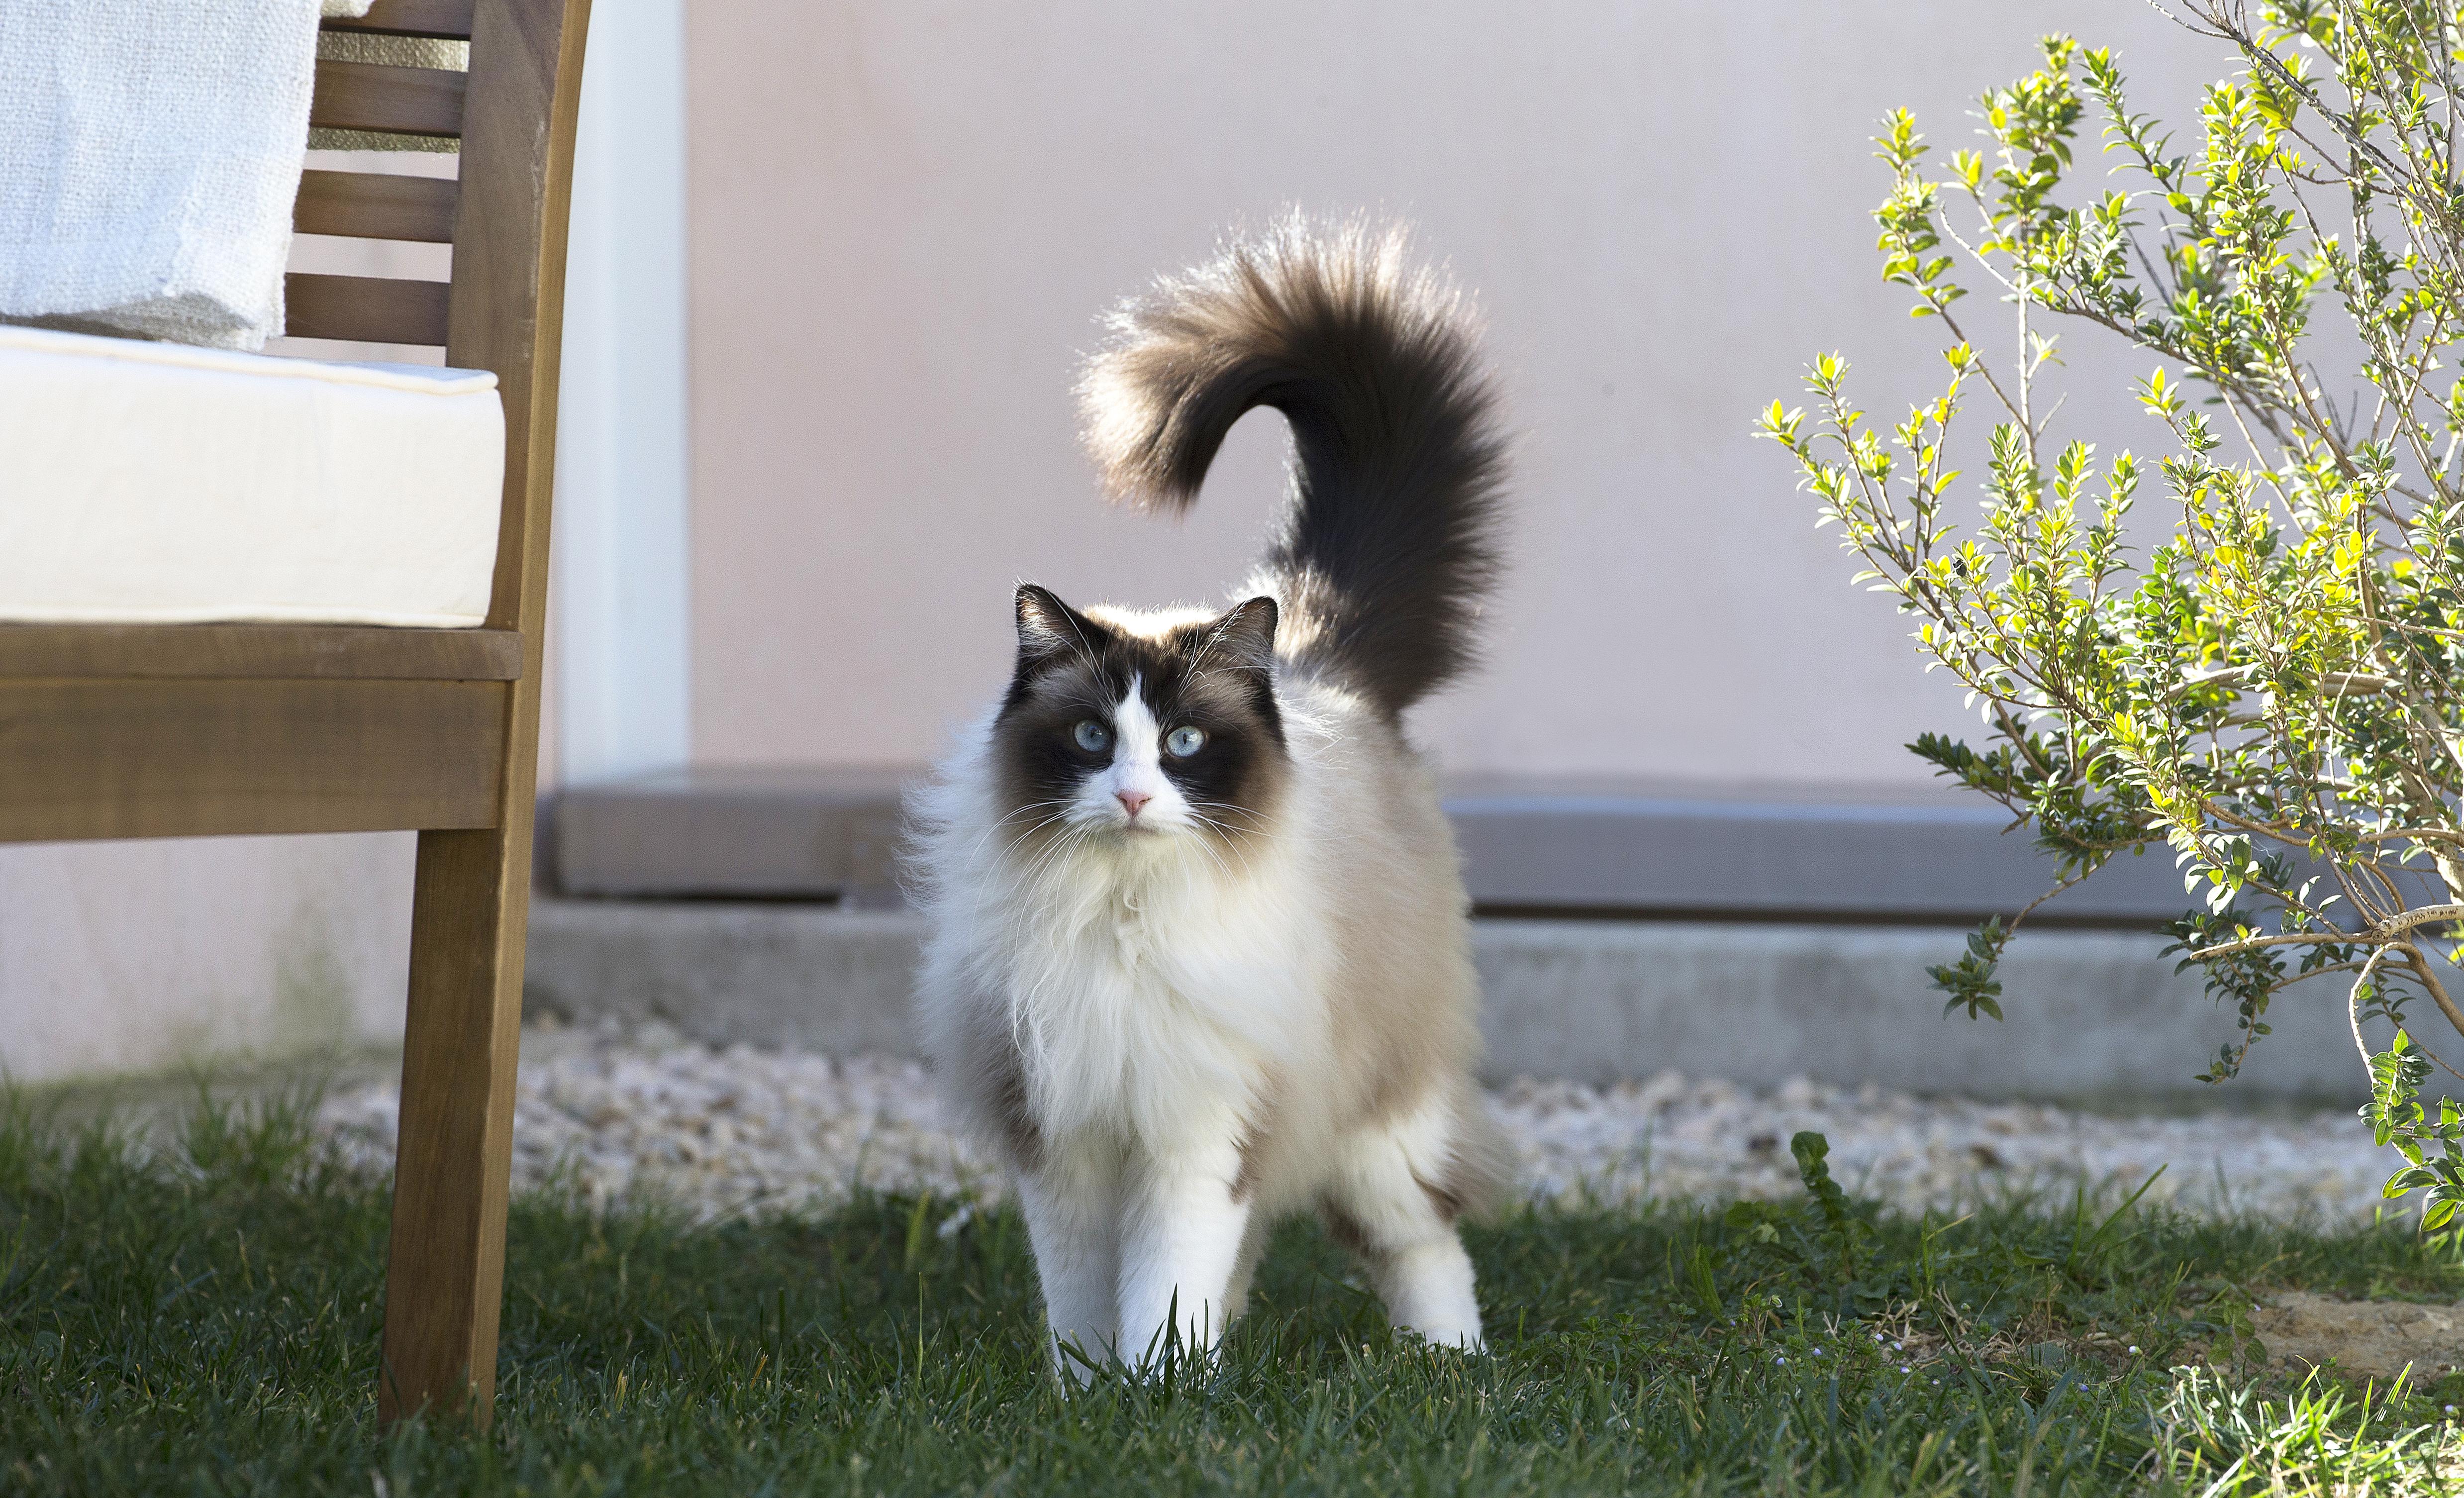 Кот-цветовод: как отучить кота барсика есть комнатные цветы